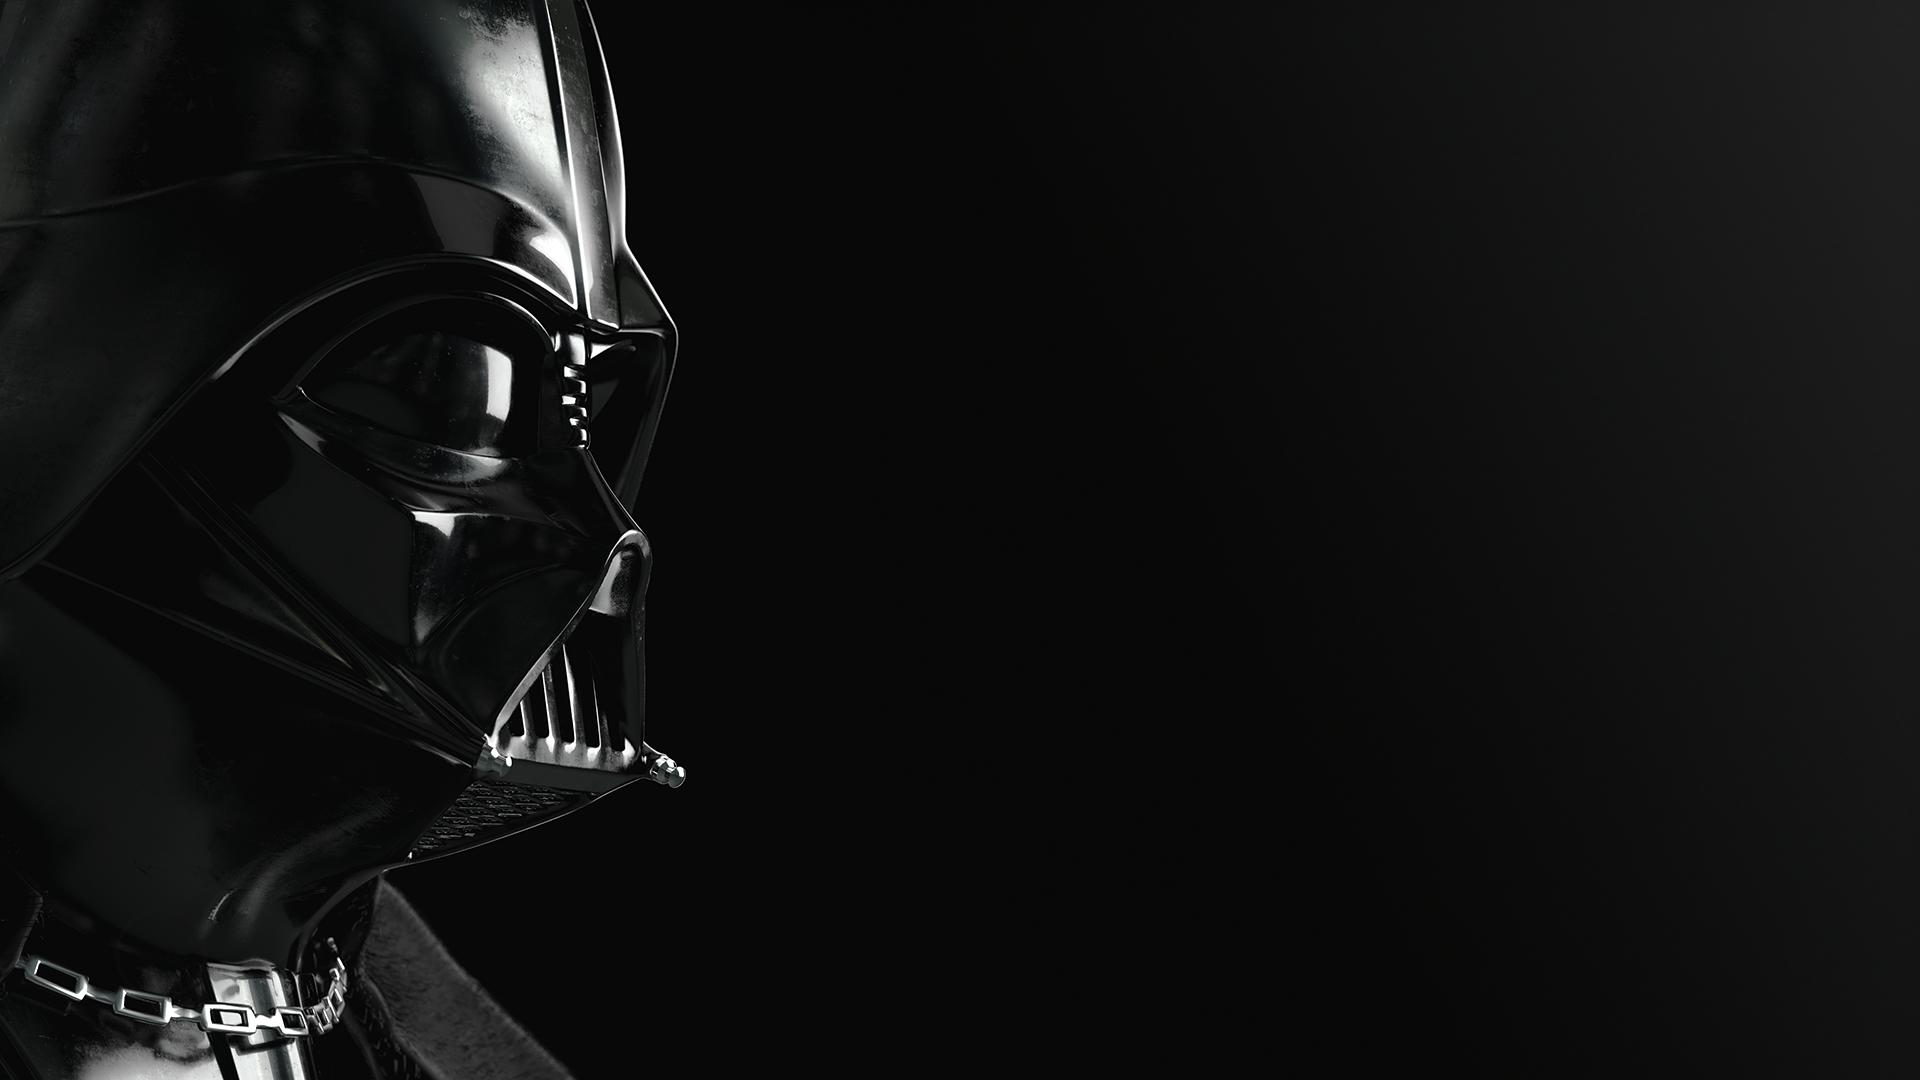 Darth Vader HD Wallpapers Backgrounds Wallpaper Pantallas led Compu 1920x1080